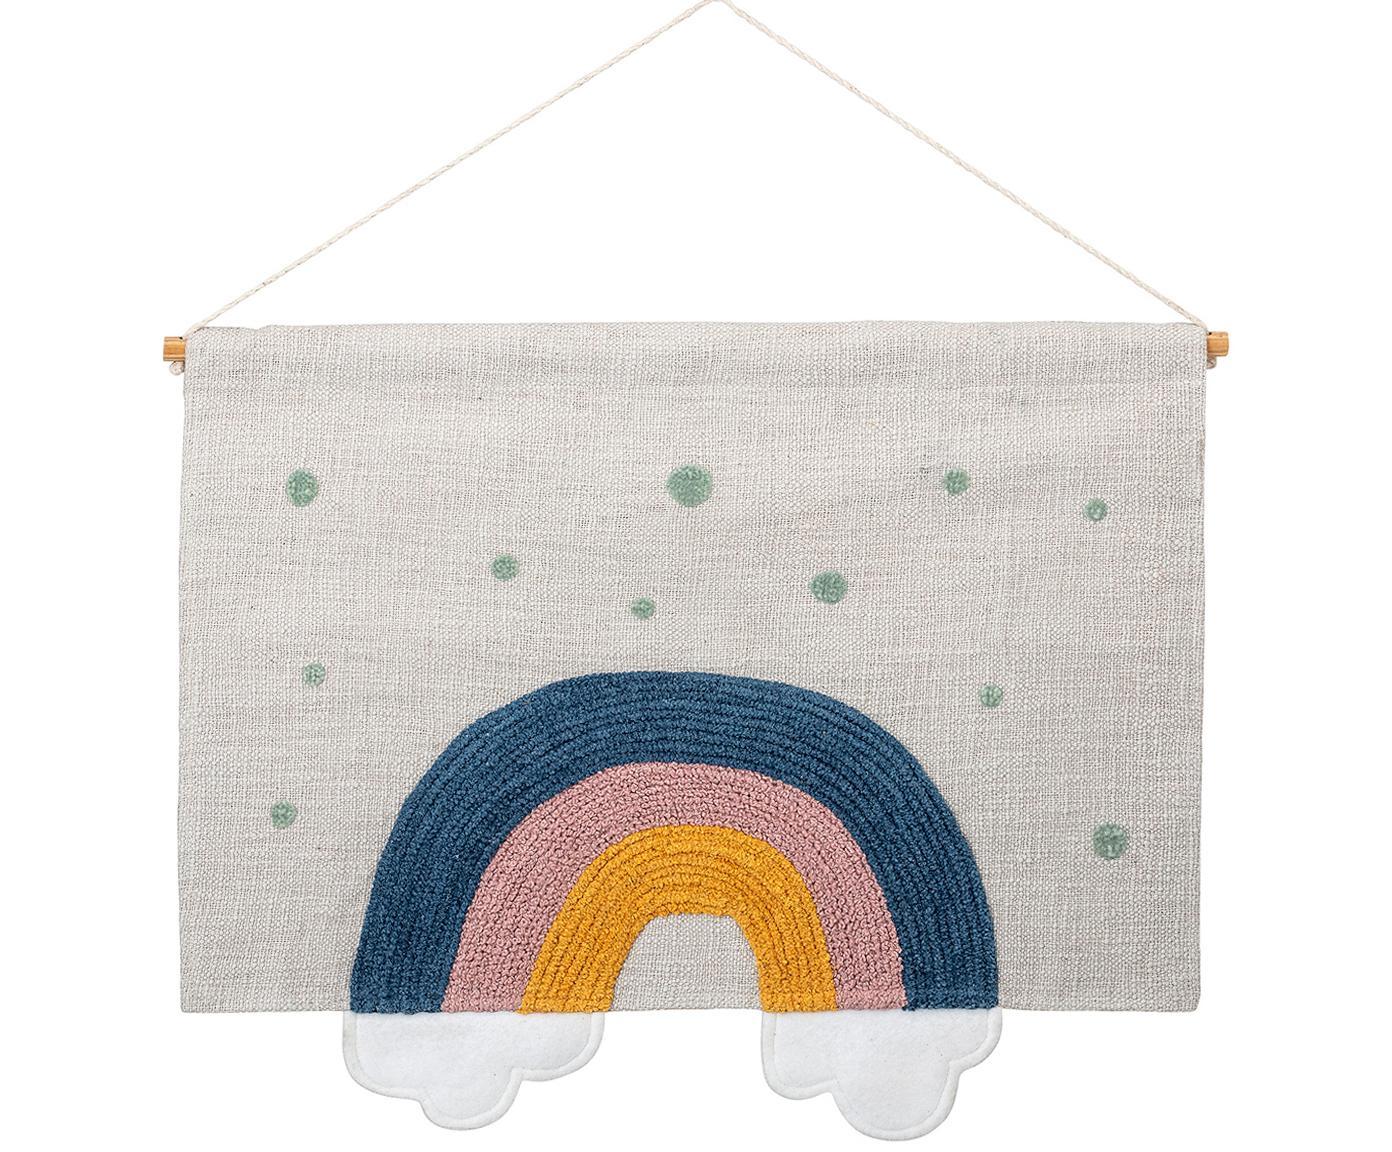 Duża dekoracja ścienna Rainbow, Bawełna, Biały, niebieski, żółty, zielony, S 60 x W 49 cm